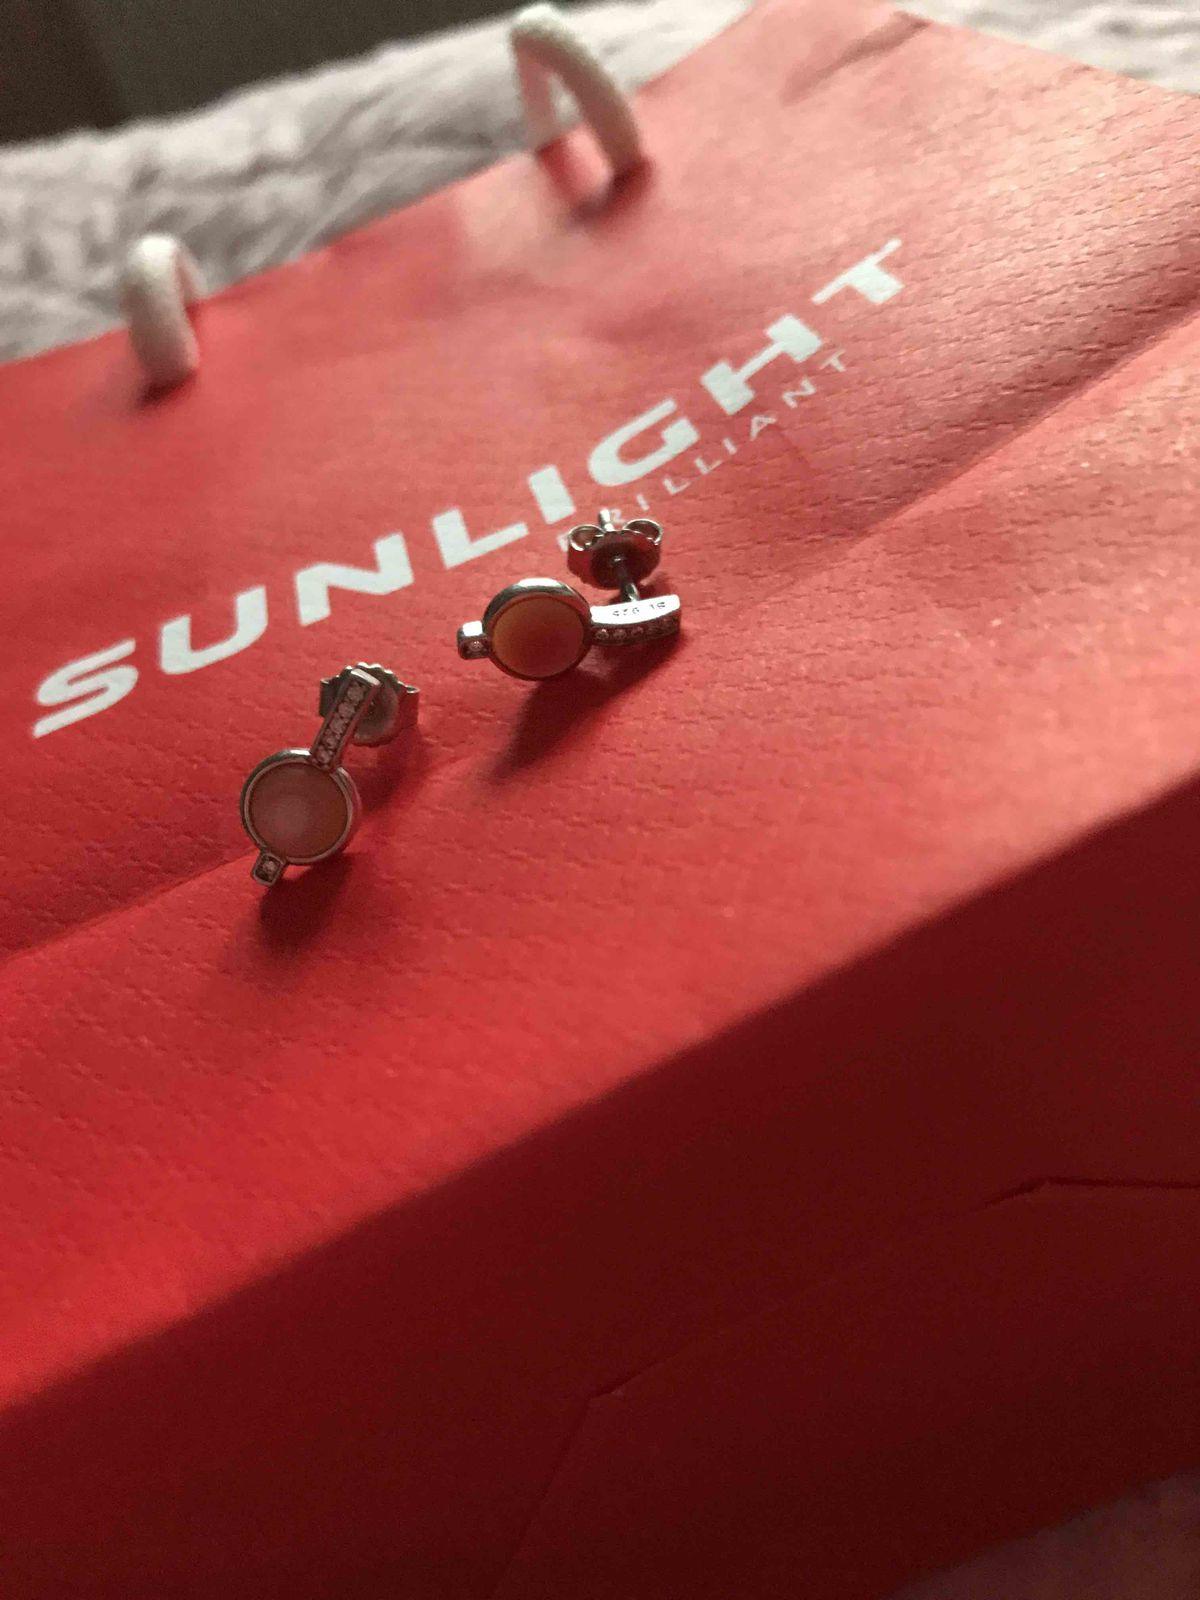 Классные сережки, довольна покупкой подностью, рекомендую, аккуратные,супер